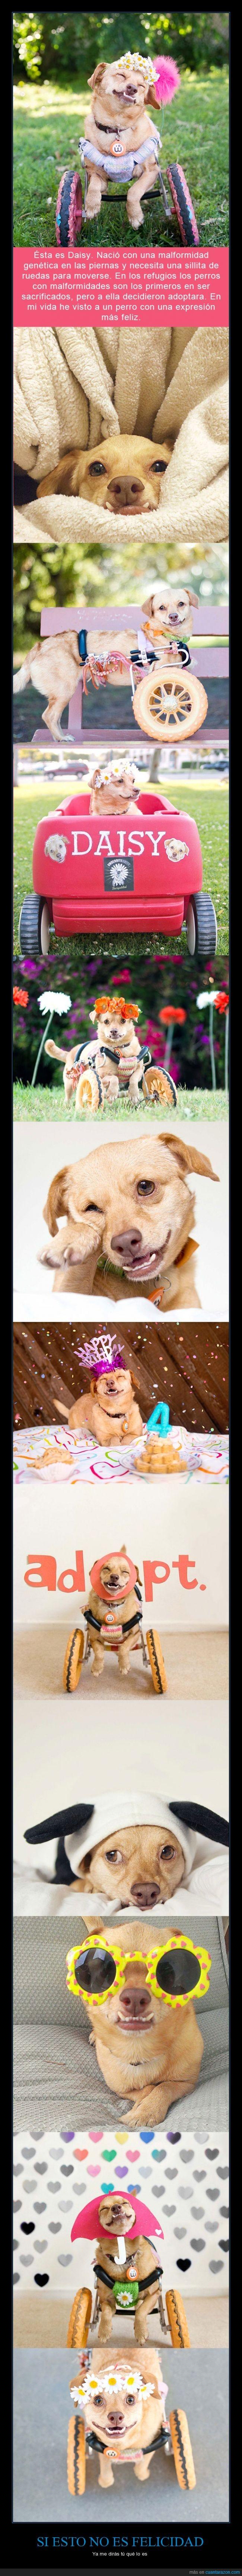 adoptar,carrito,carro,Daisy,dientes,feliz,genetica,malformacion,malformidad,minusvalida,mover,perra,perrita,perro,piernas,refugio,rescatar,salvar,shelter,silla,sillita,sonrisa,underbite